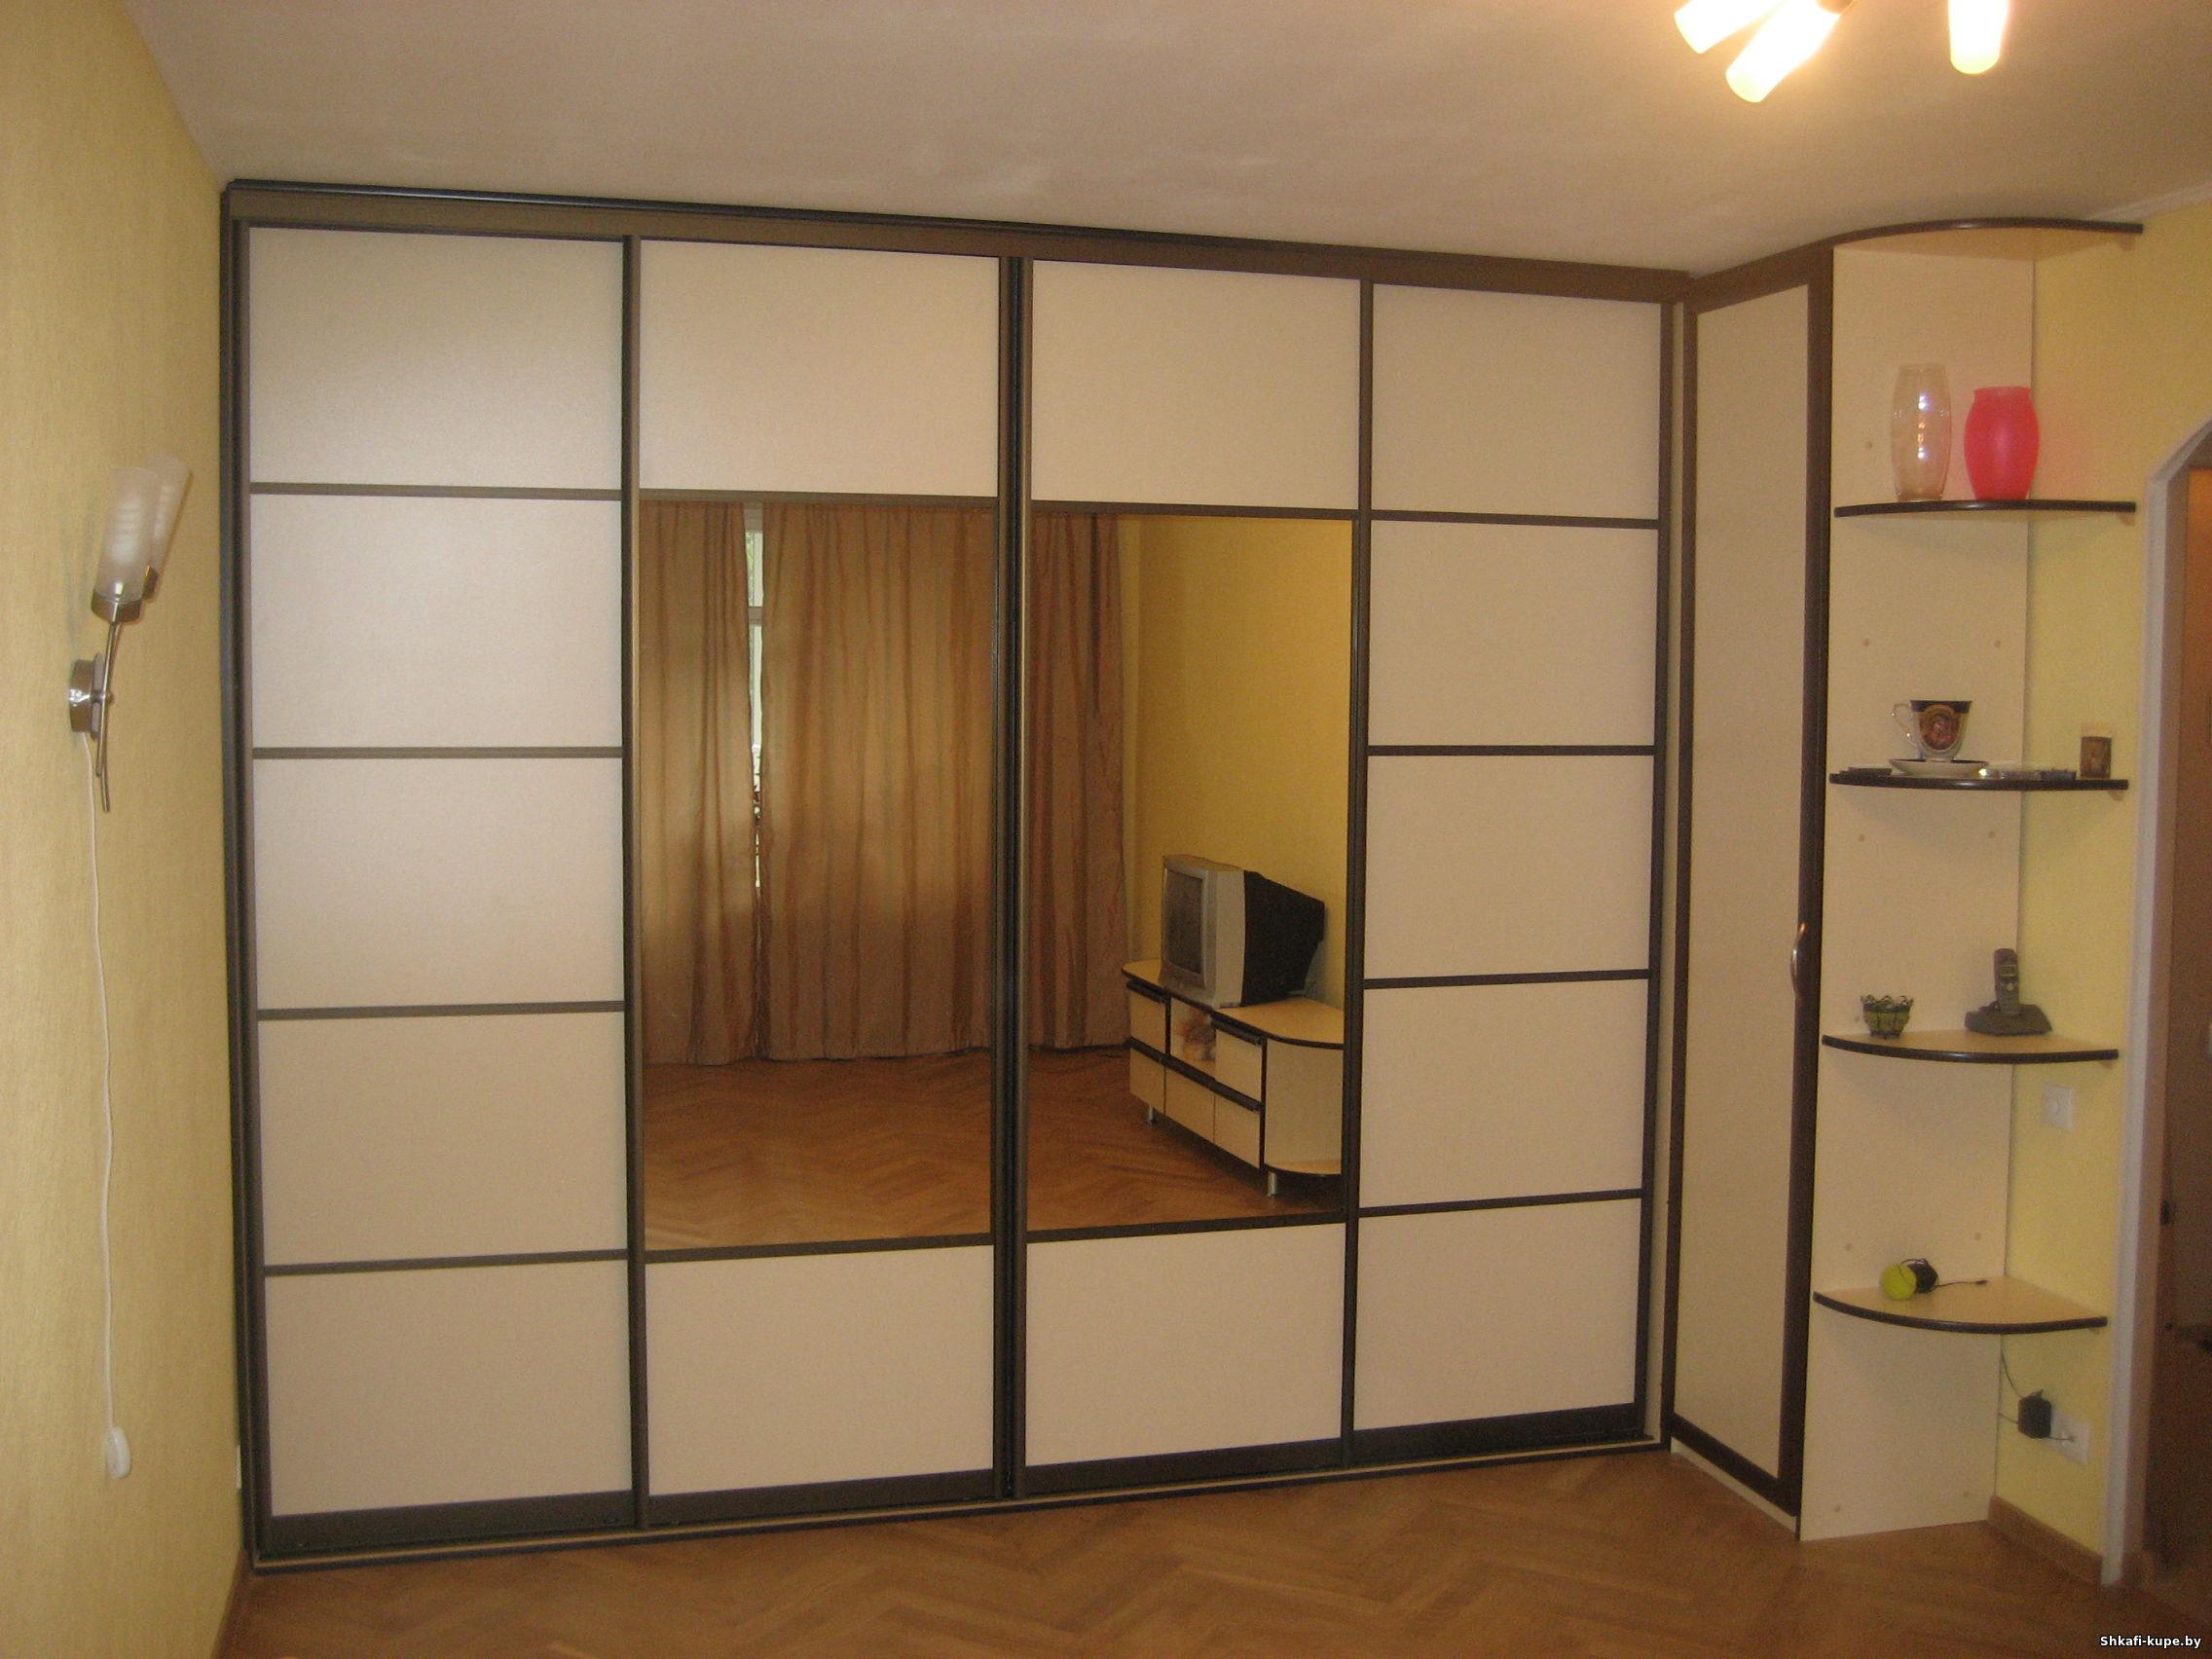 Шкафы-купе в гостиную: фото и цены в минске. +30 фото в порт.